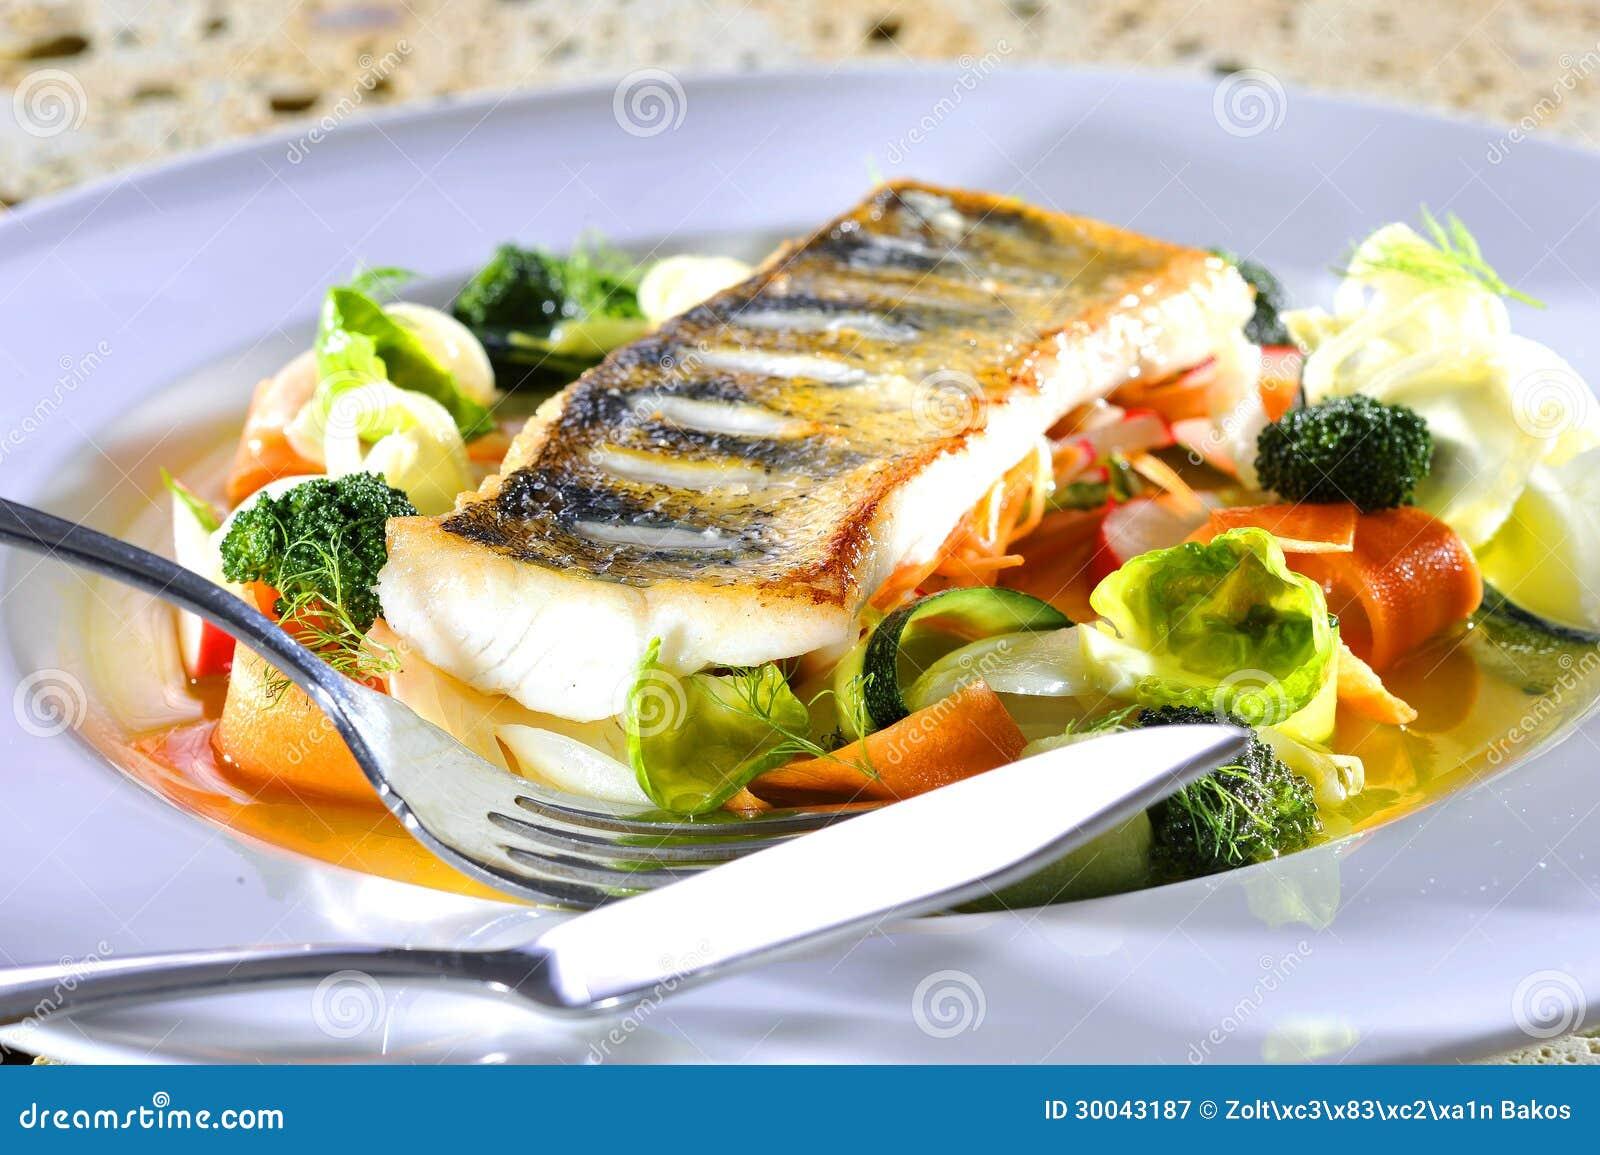 Farinha de peixes